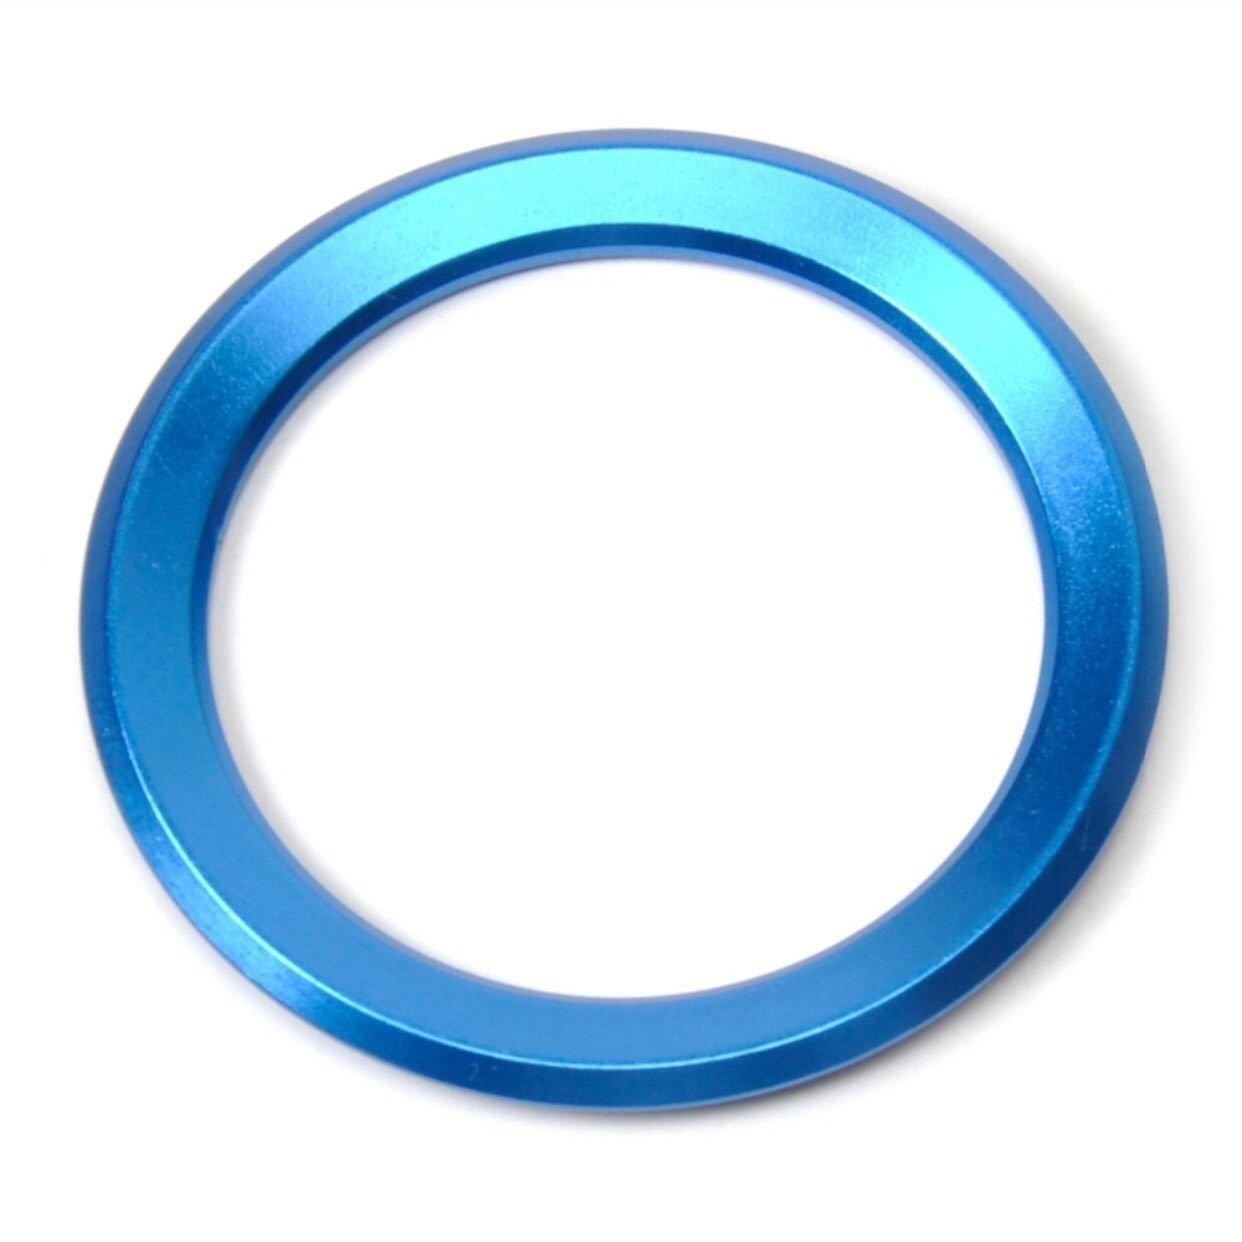 Emblem Trading Emblem Lenkrad Rahmen Blau Blende Fü r Logo 1er 3er 4er 5er 7er E46 E52 E53 E60 F01 F30 F20 F10 F15 F13 M3 M5 M6 X1 X3 X5 E KK L.L.C